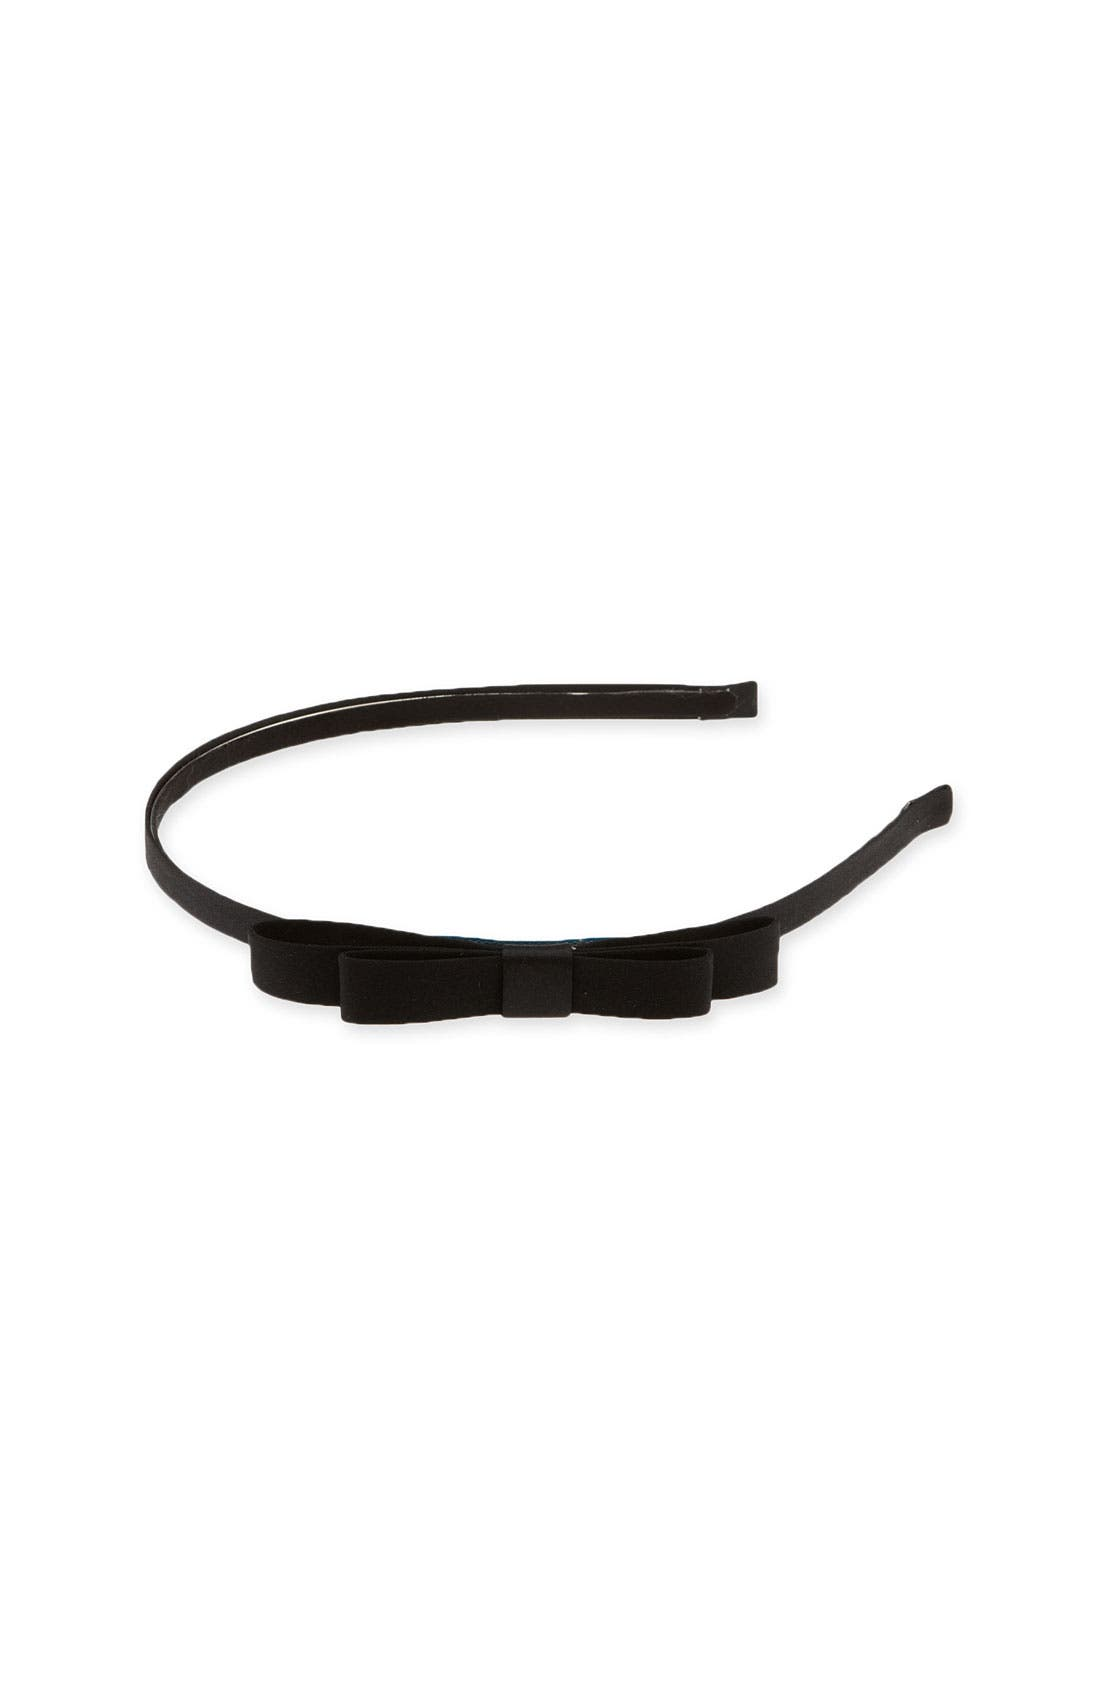 Alternate Image 1 Selected - Tasha 'Skinny Bow' Headband